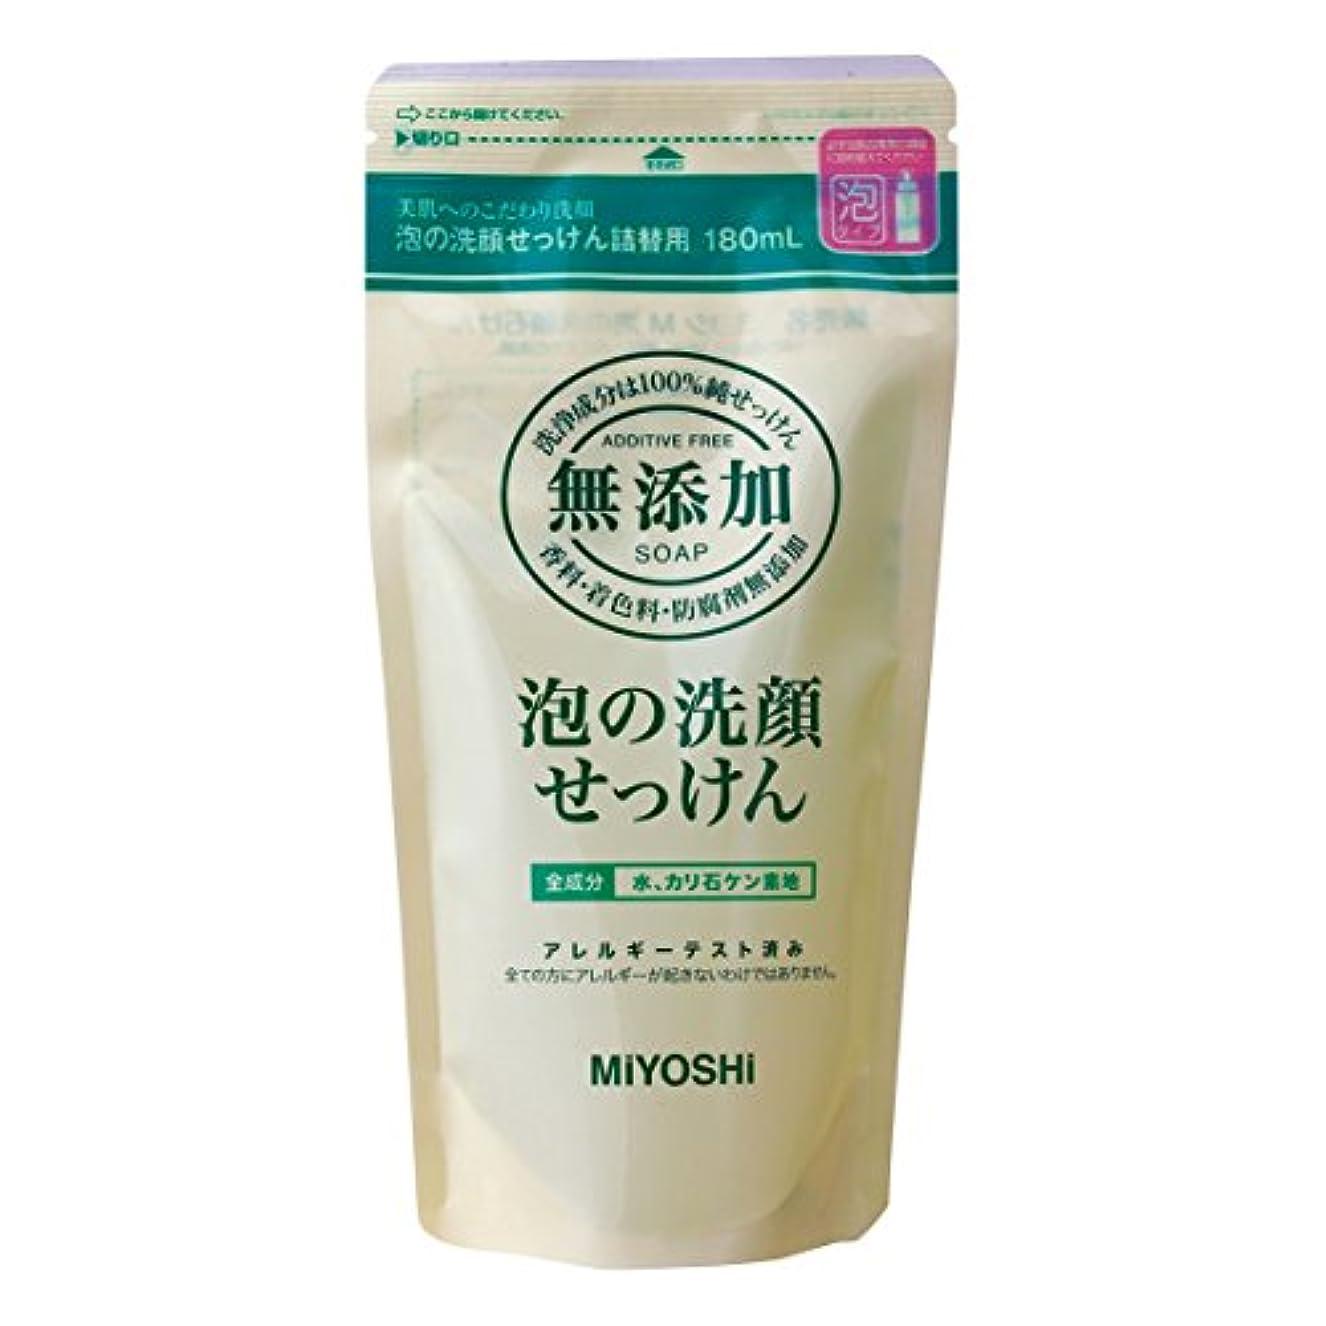 雪だるま消毒するかご無添加泡の洗顔せっけん 詰替180ml